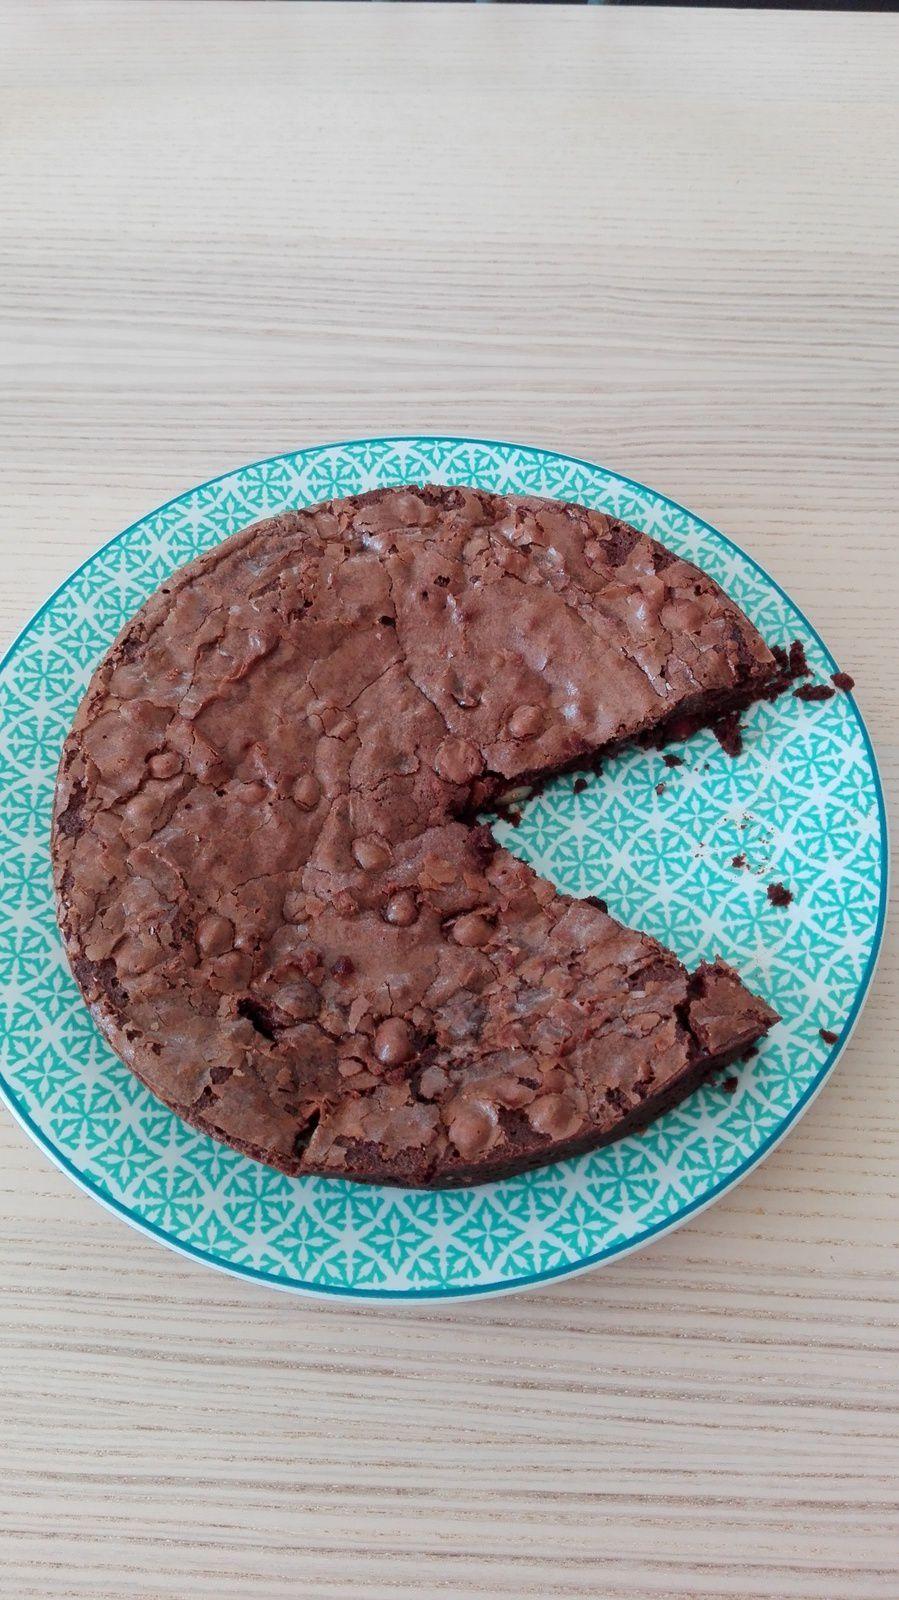 C'est samedi c'est brownies